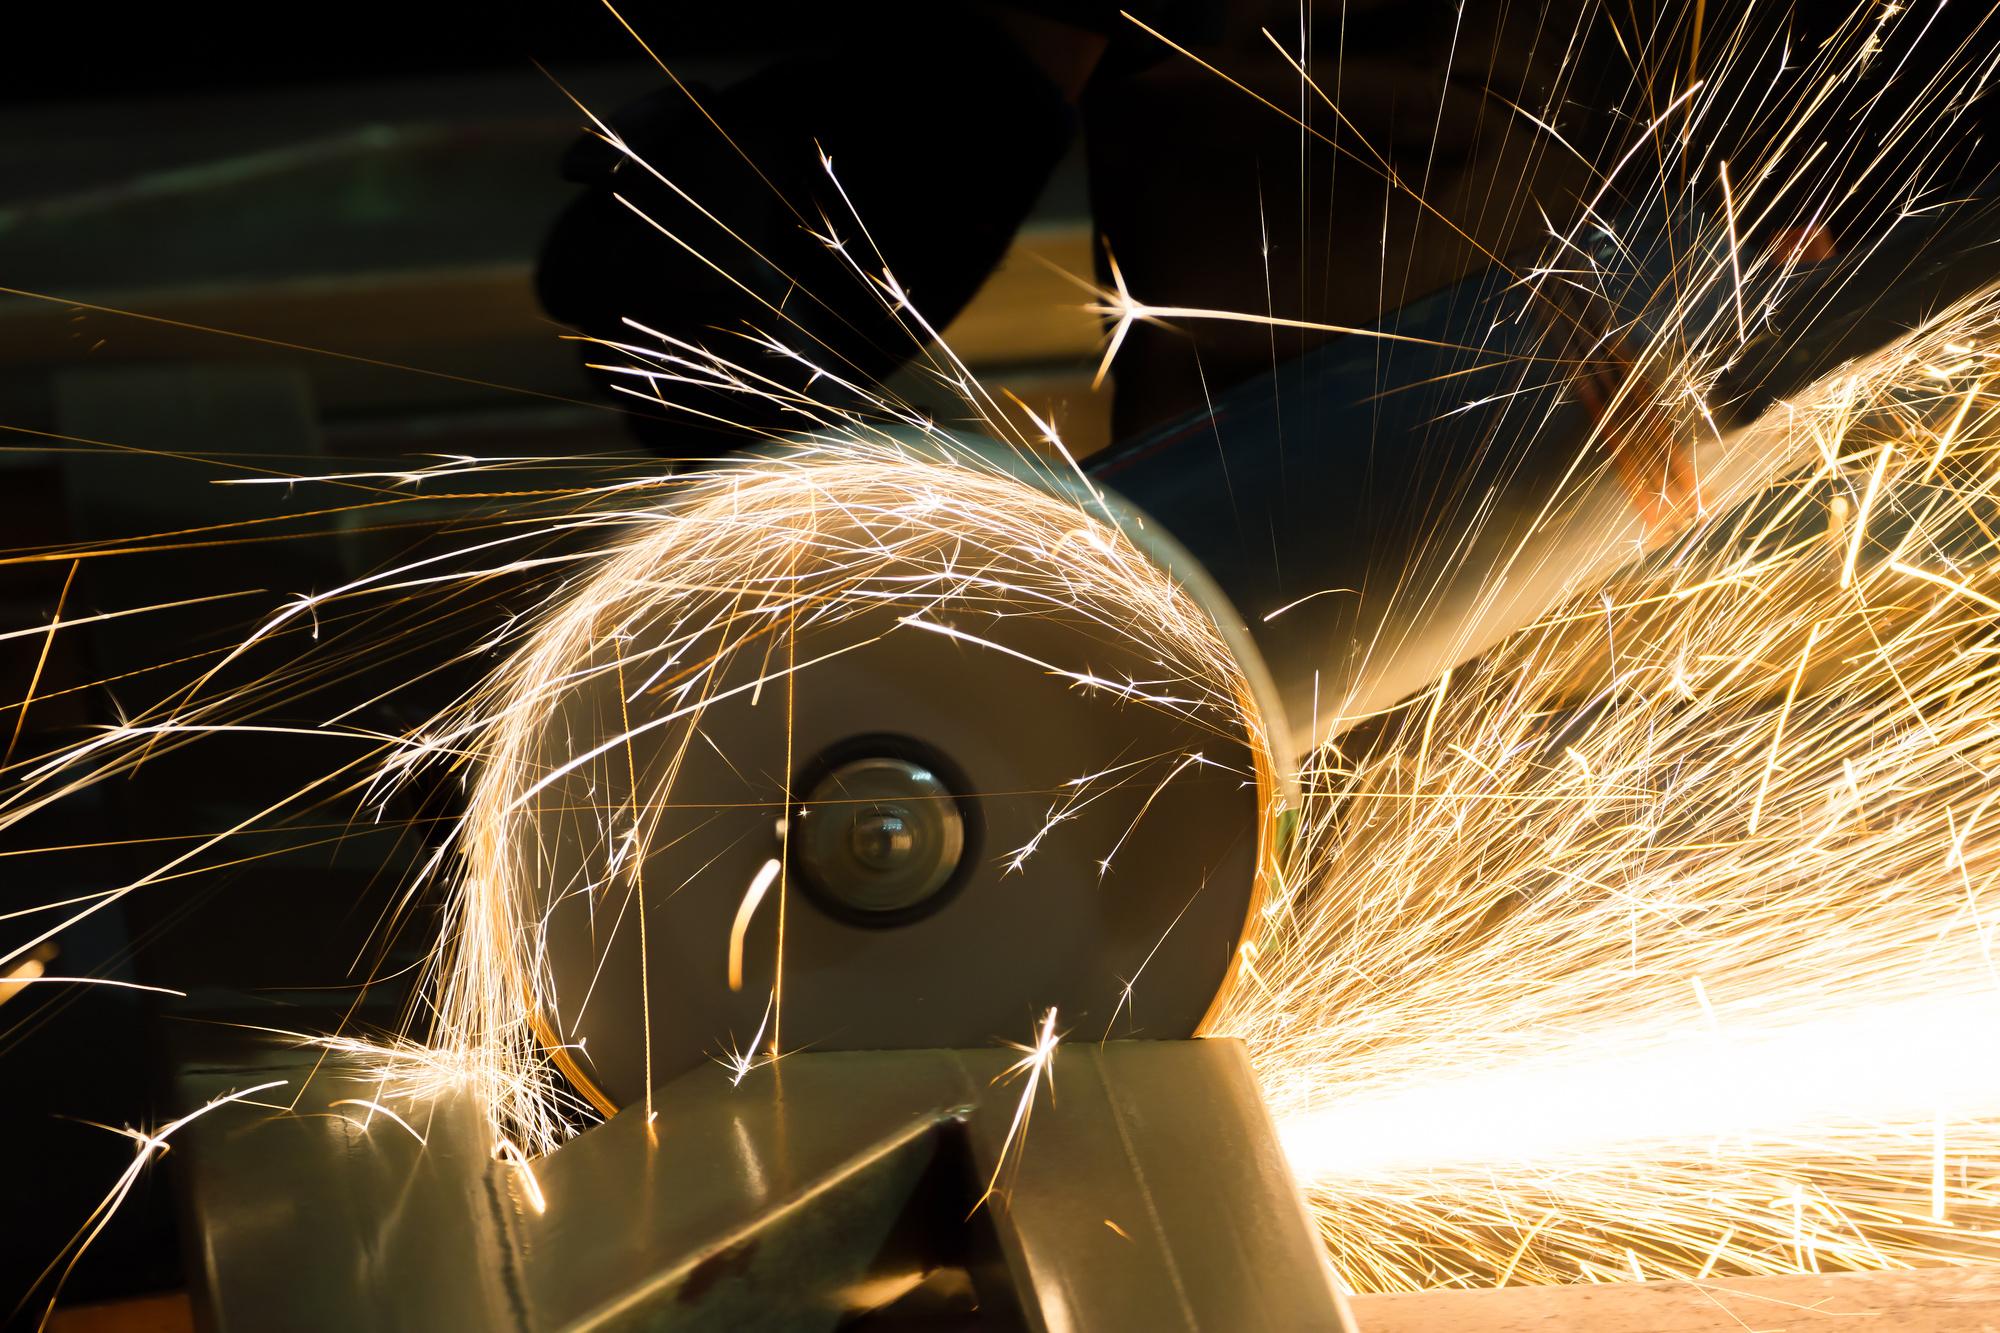 Metal sheet fabrication